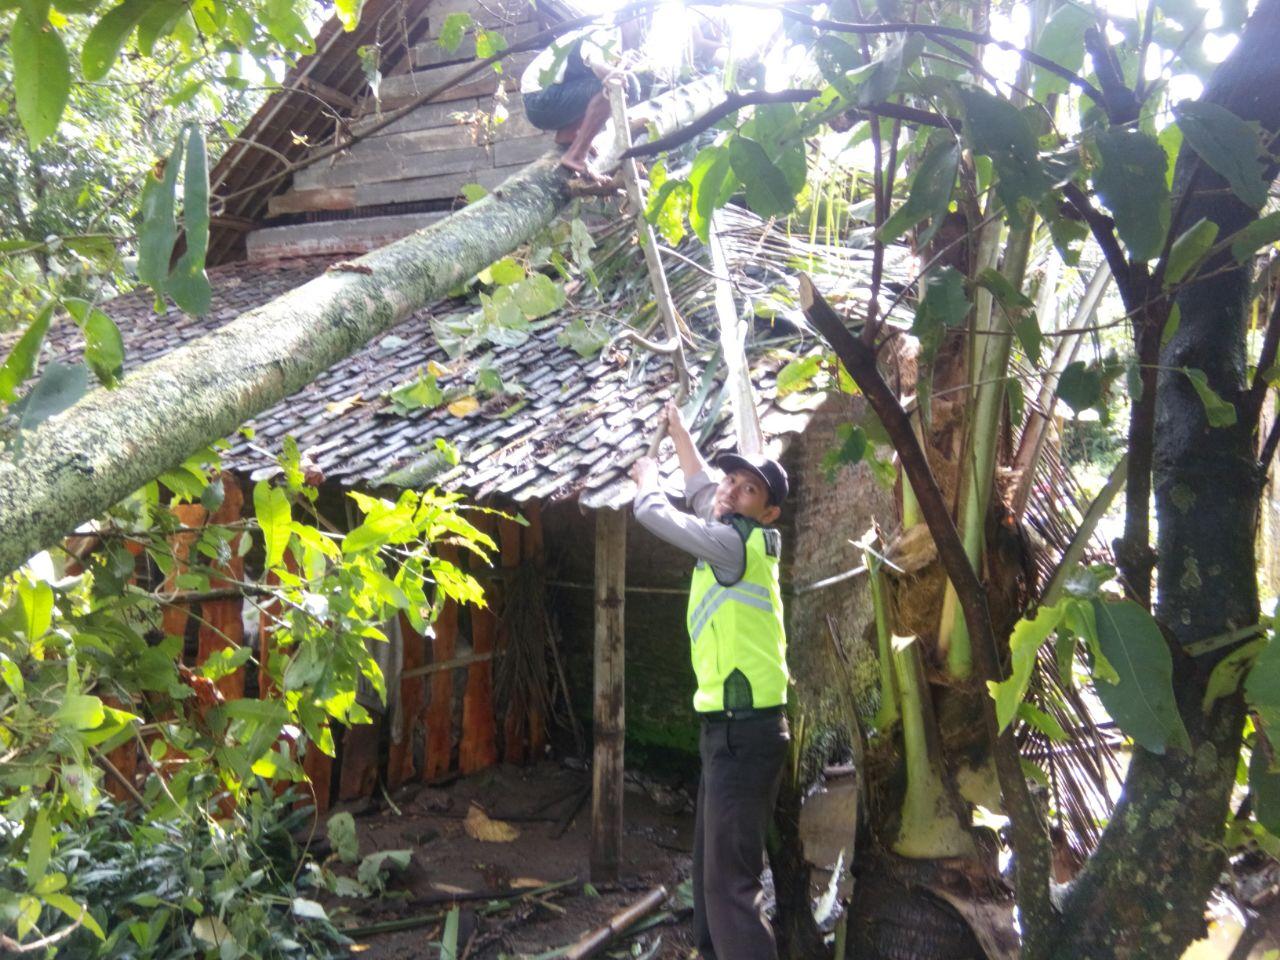 Hujan Deras di sertai angin yang mengakibatkan rumah penduduk tertimpa pohon di wilayah Kasembon Bhabinkamtibmas bantu warga